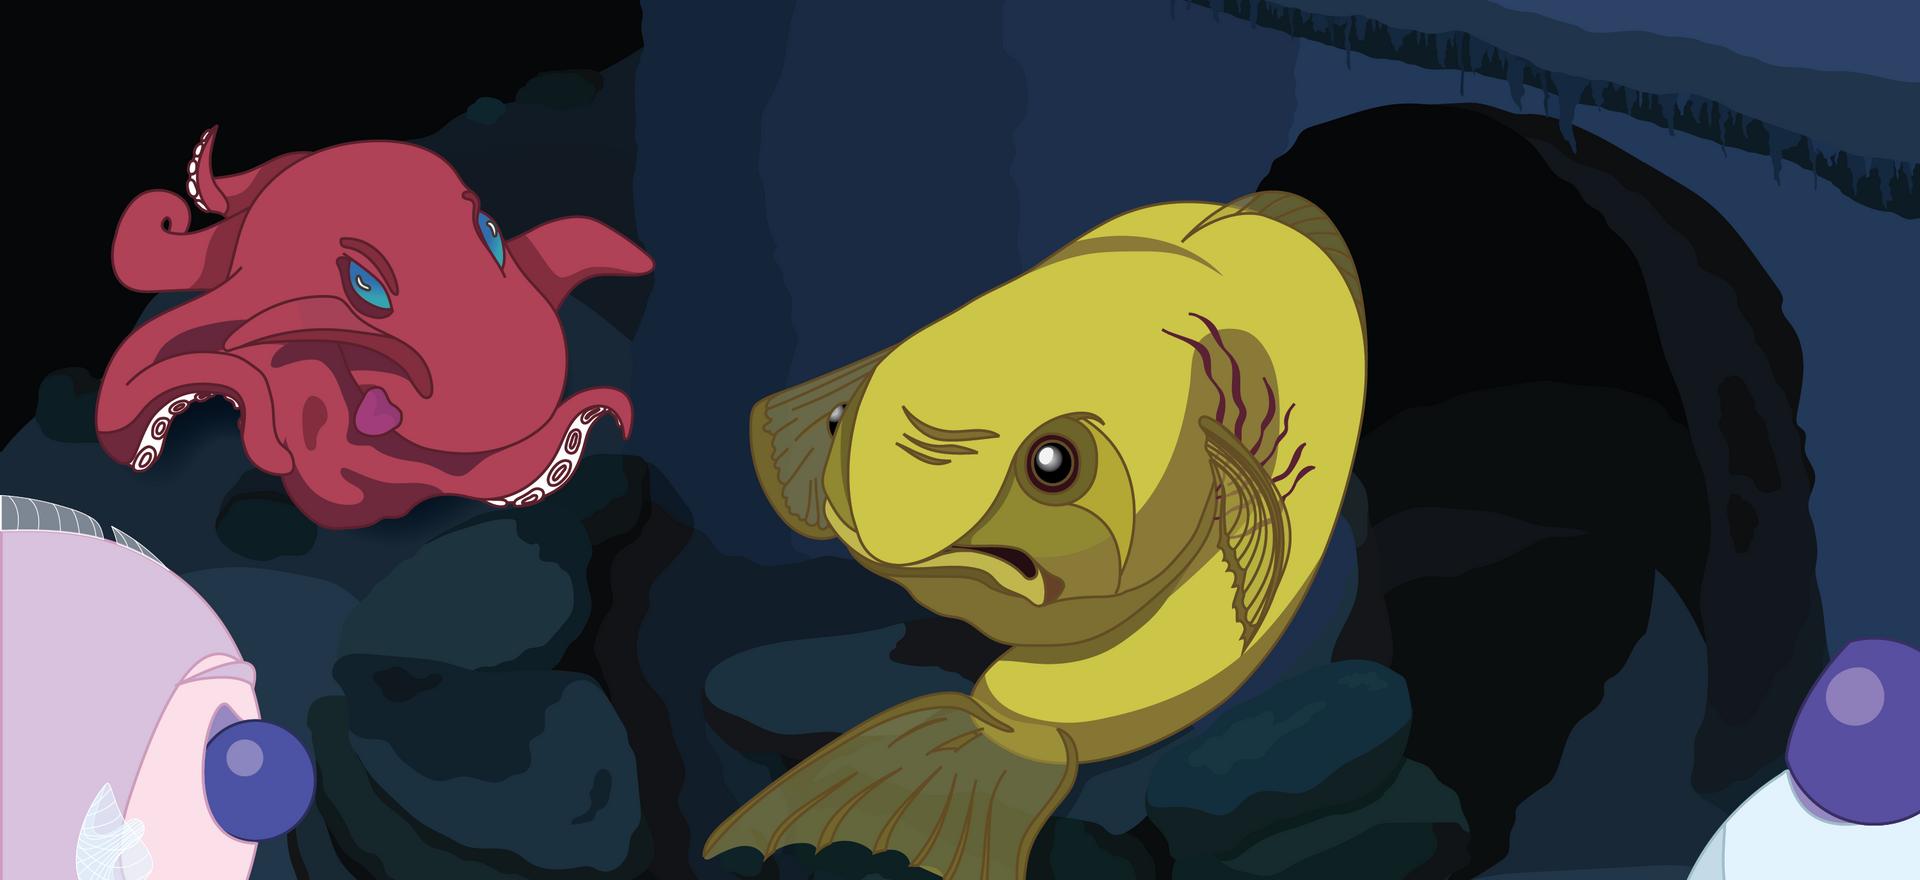 Bob the Blobfish